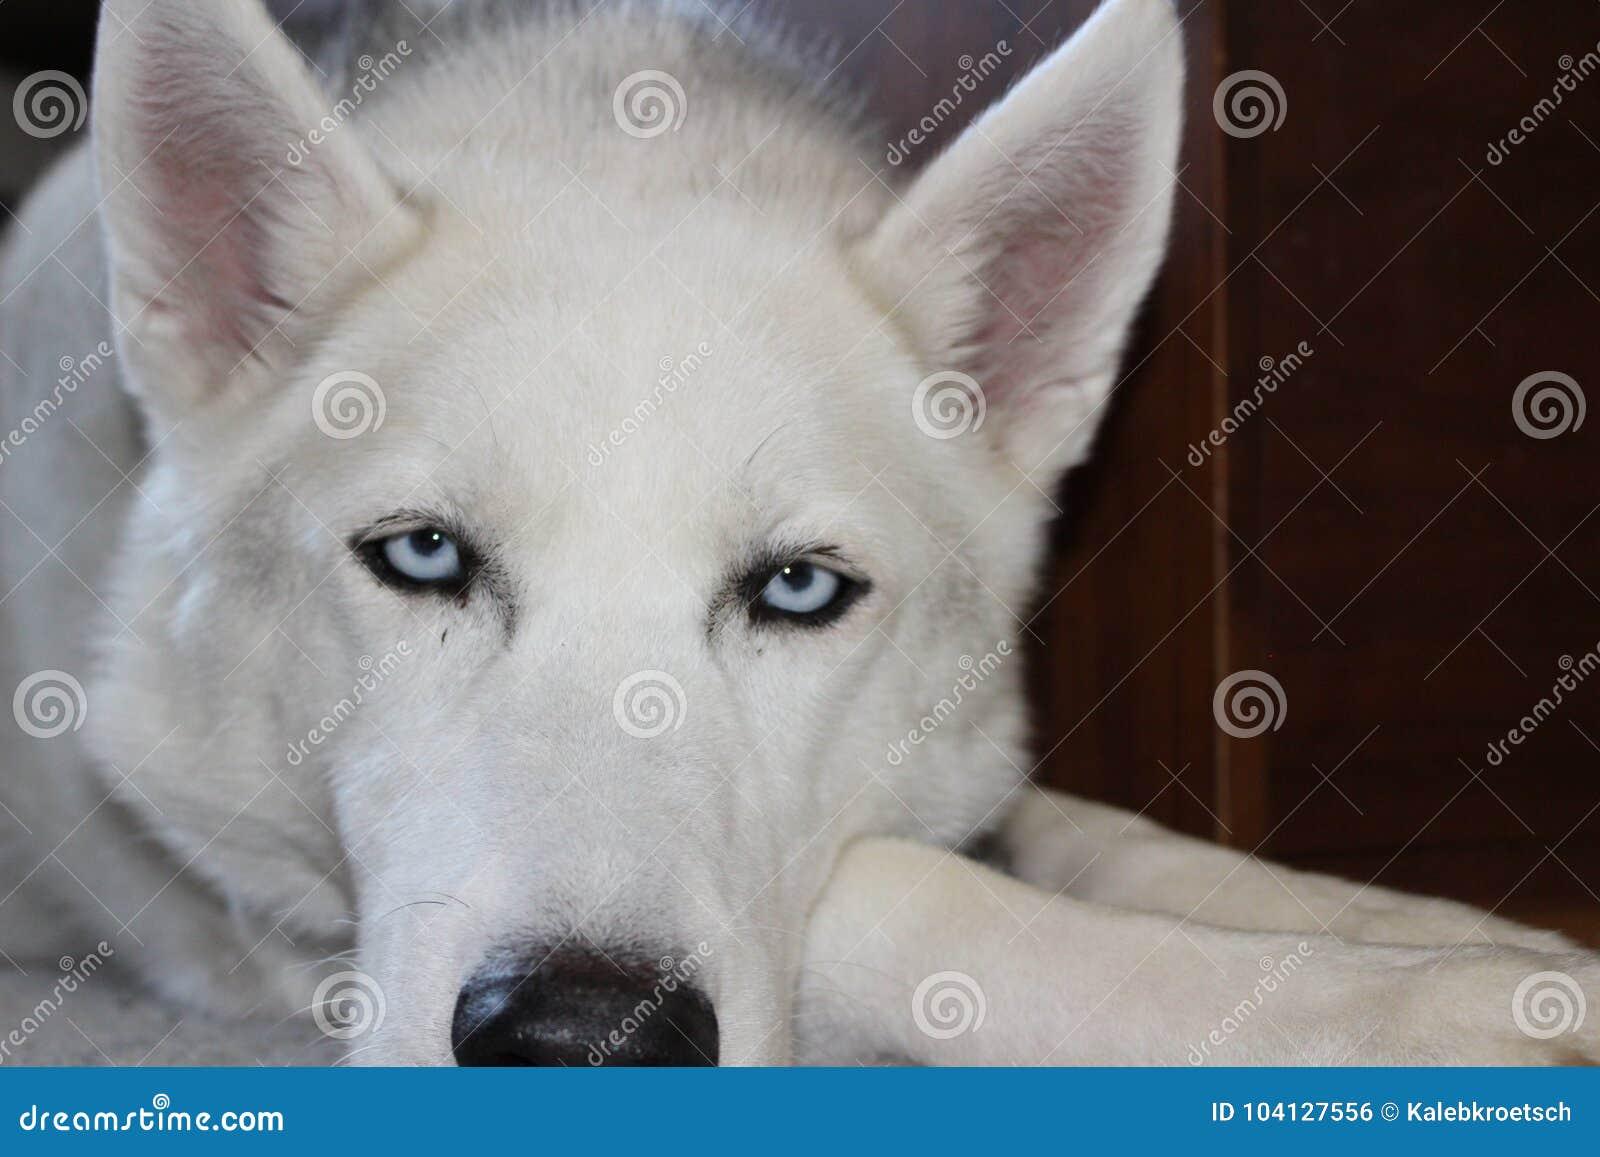 Siberian Husky Portrait Photo Blue Eyes Stock Photo Image Of